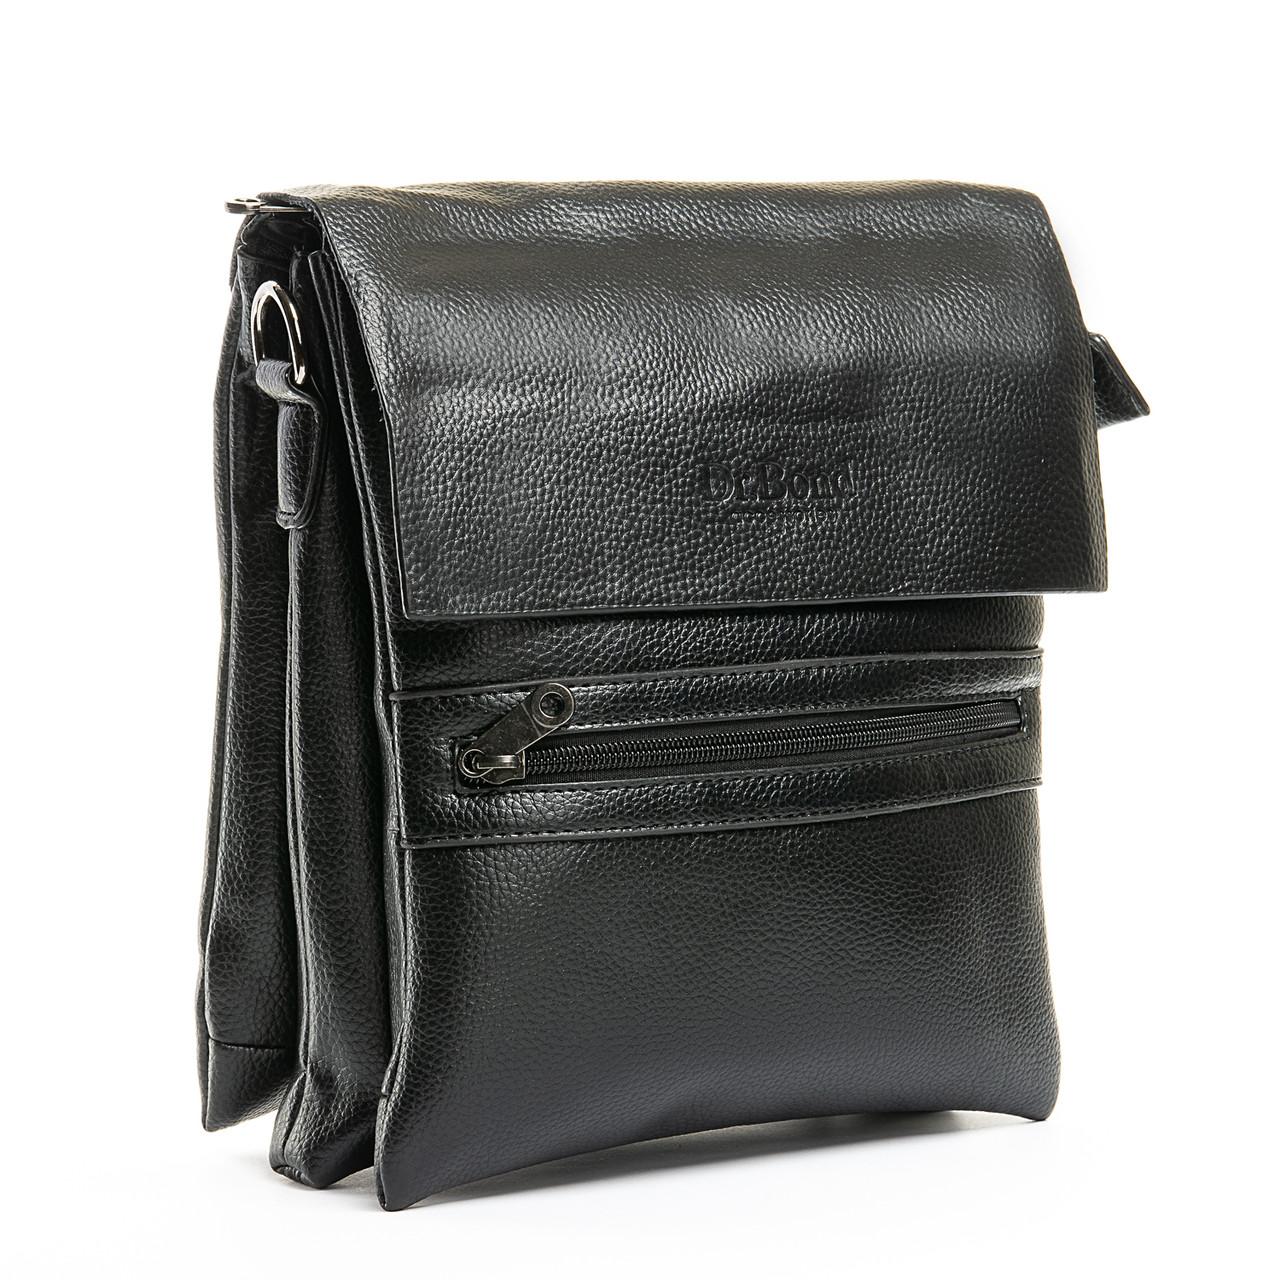 Шкіряна чоловіча сумка через плече / Мужская кожаная сумка через плечо DR. BOND 315-4 black